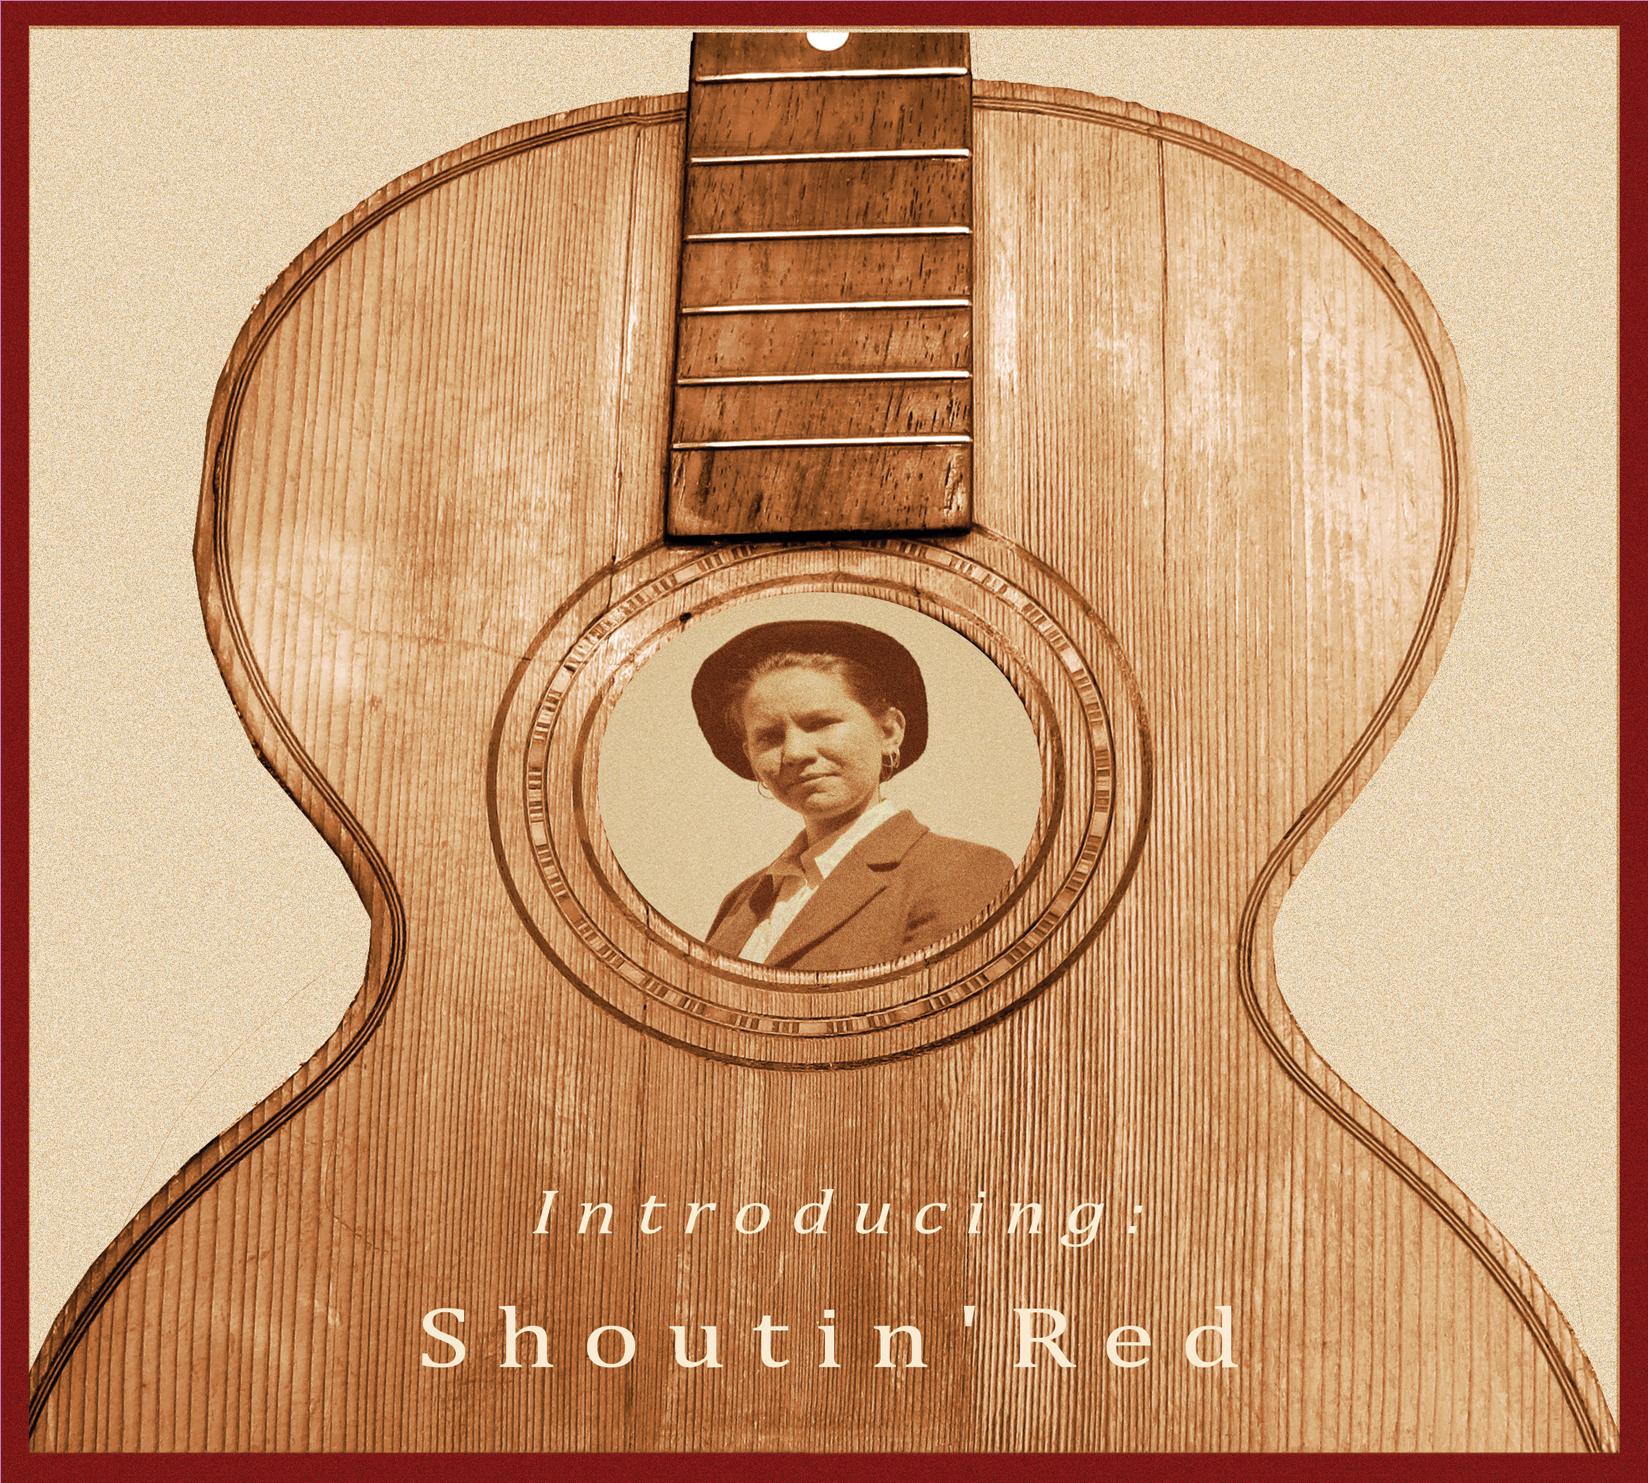 shoutin-red1